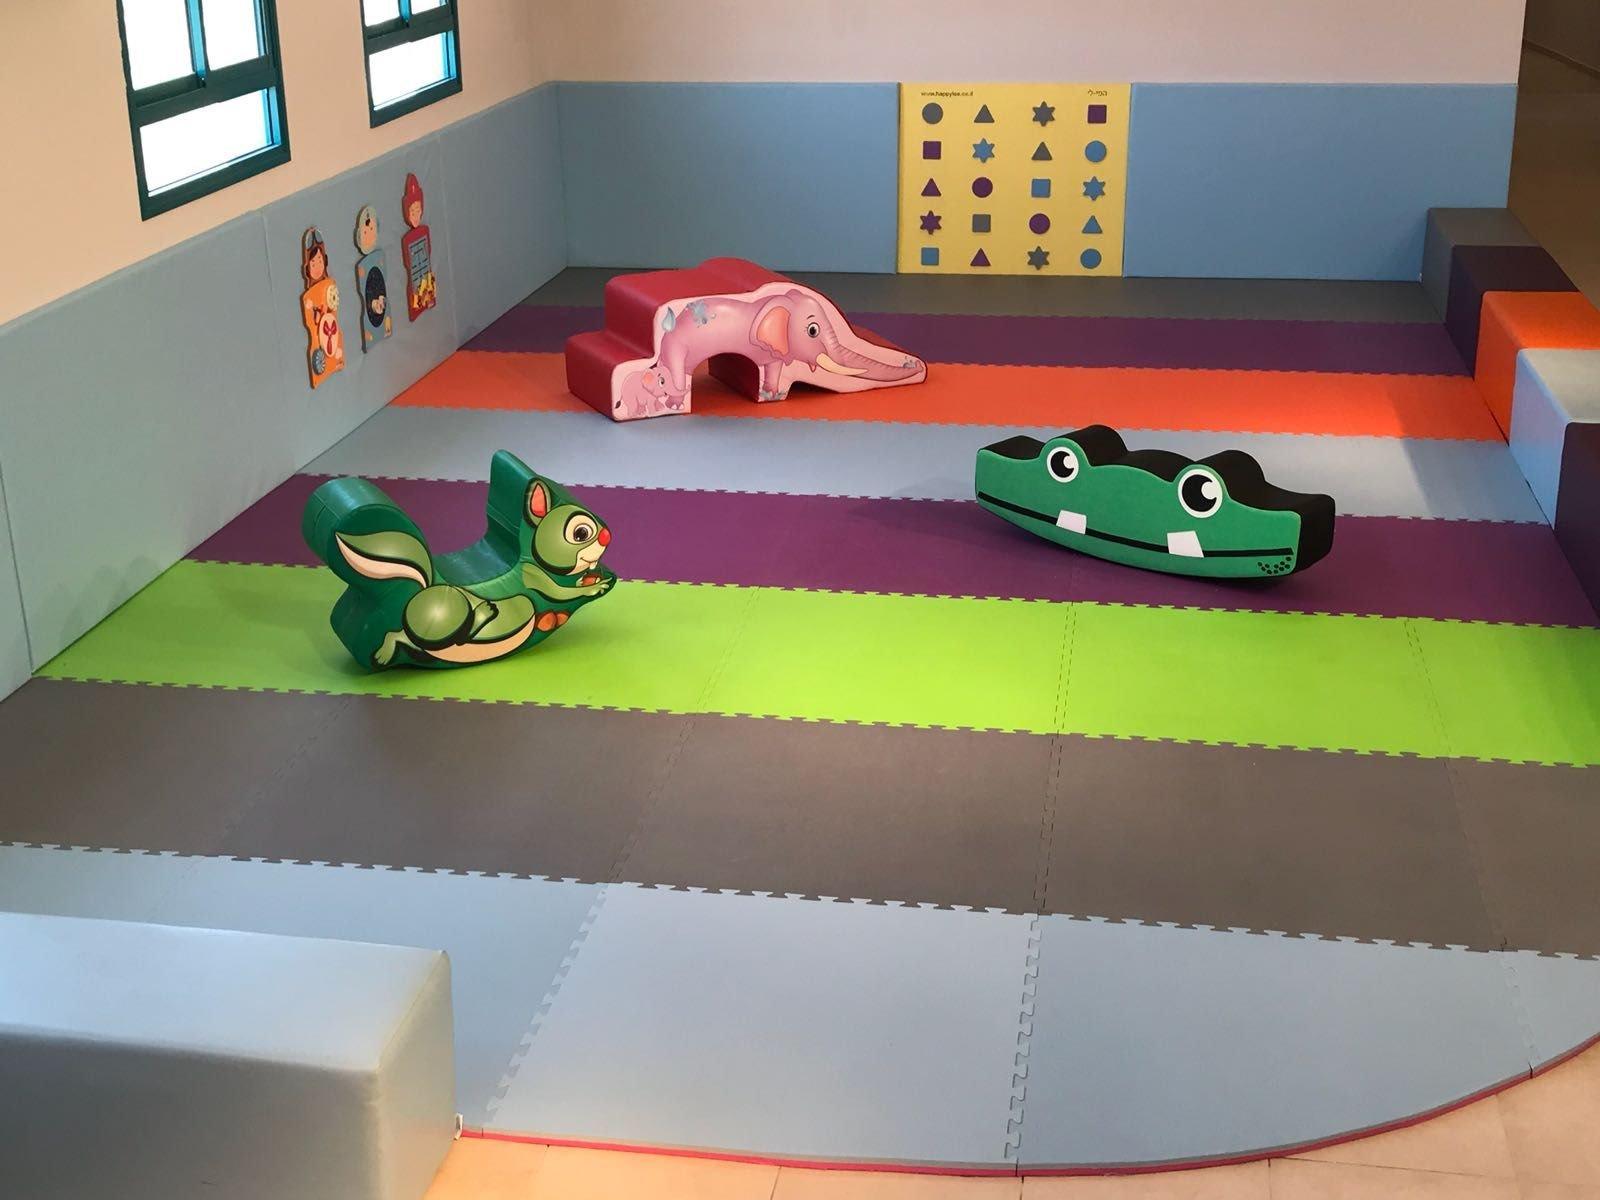 מודרניסטית ציוד ייחודי לגני ילדים - הפי לי - הקמה ושדרוג משחקיות לילדים | ג AY-69